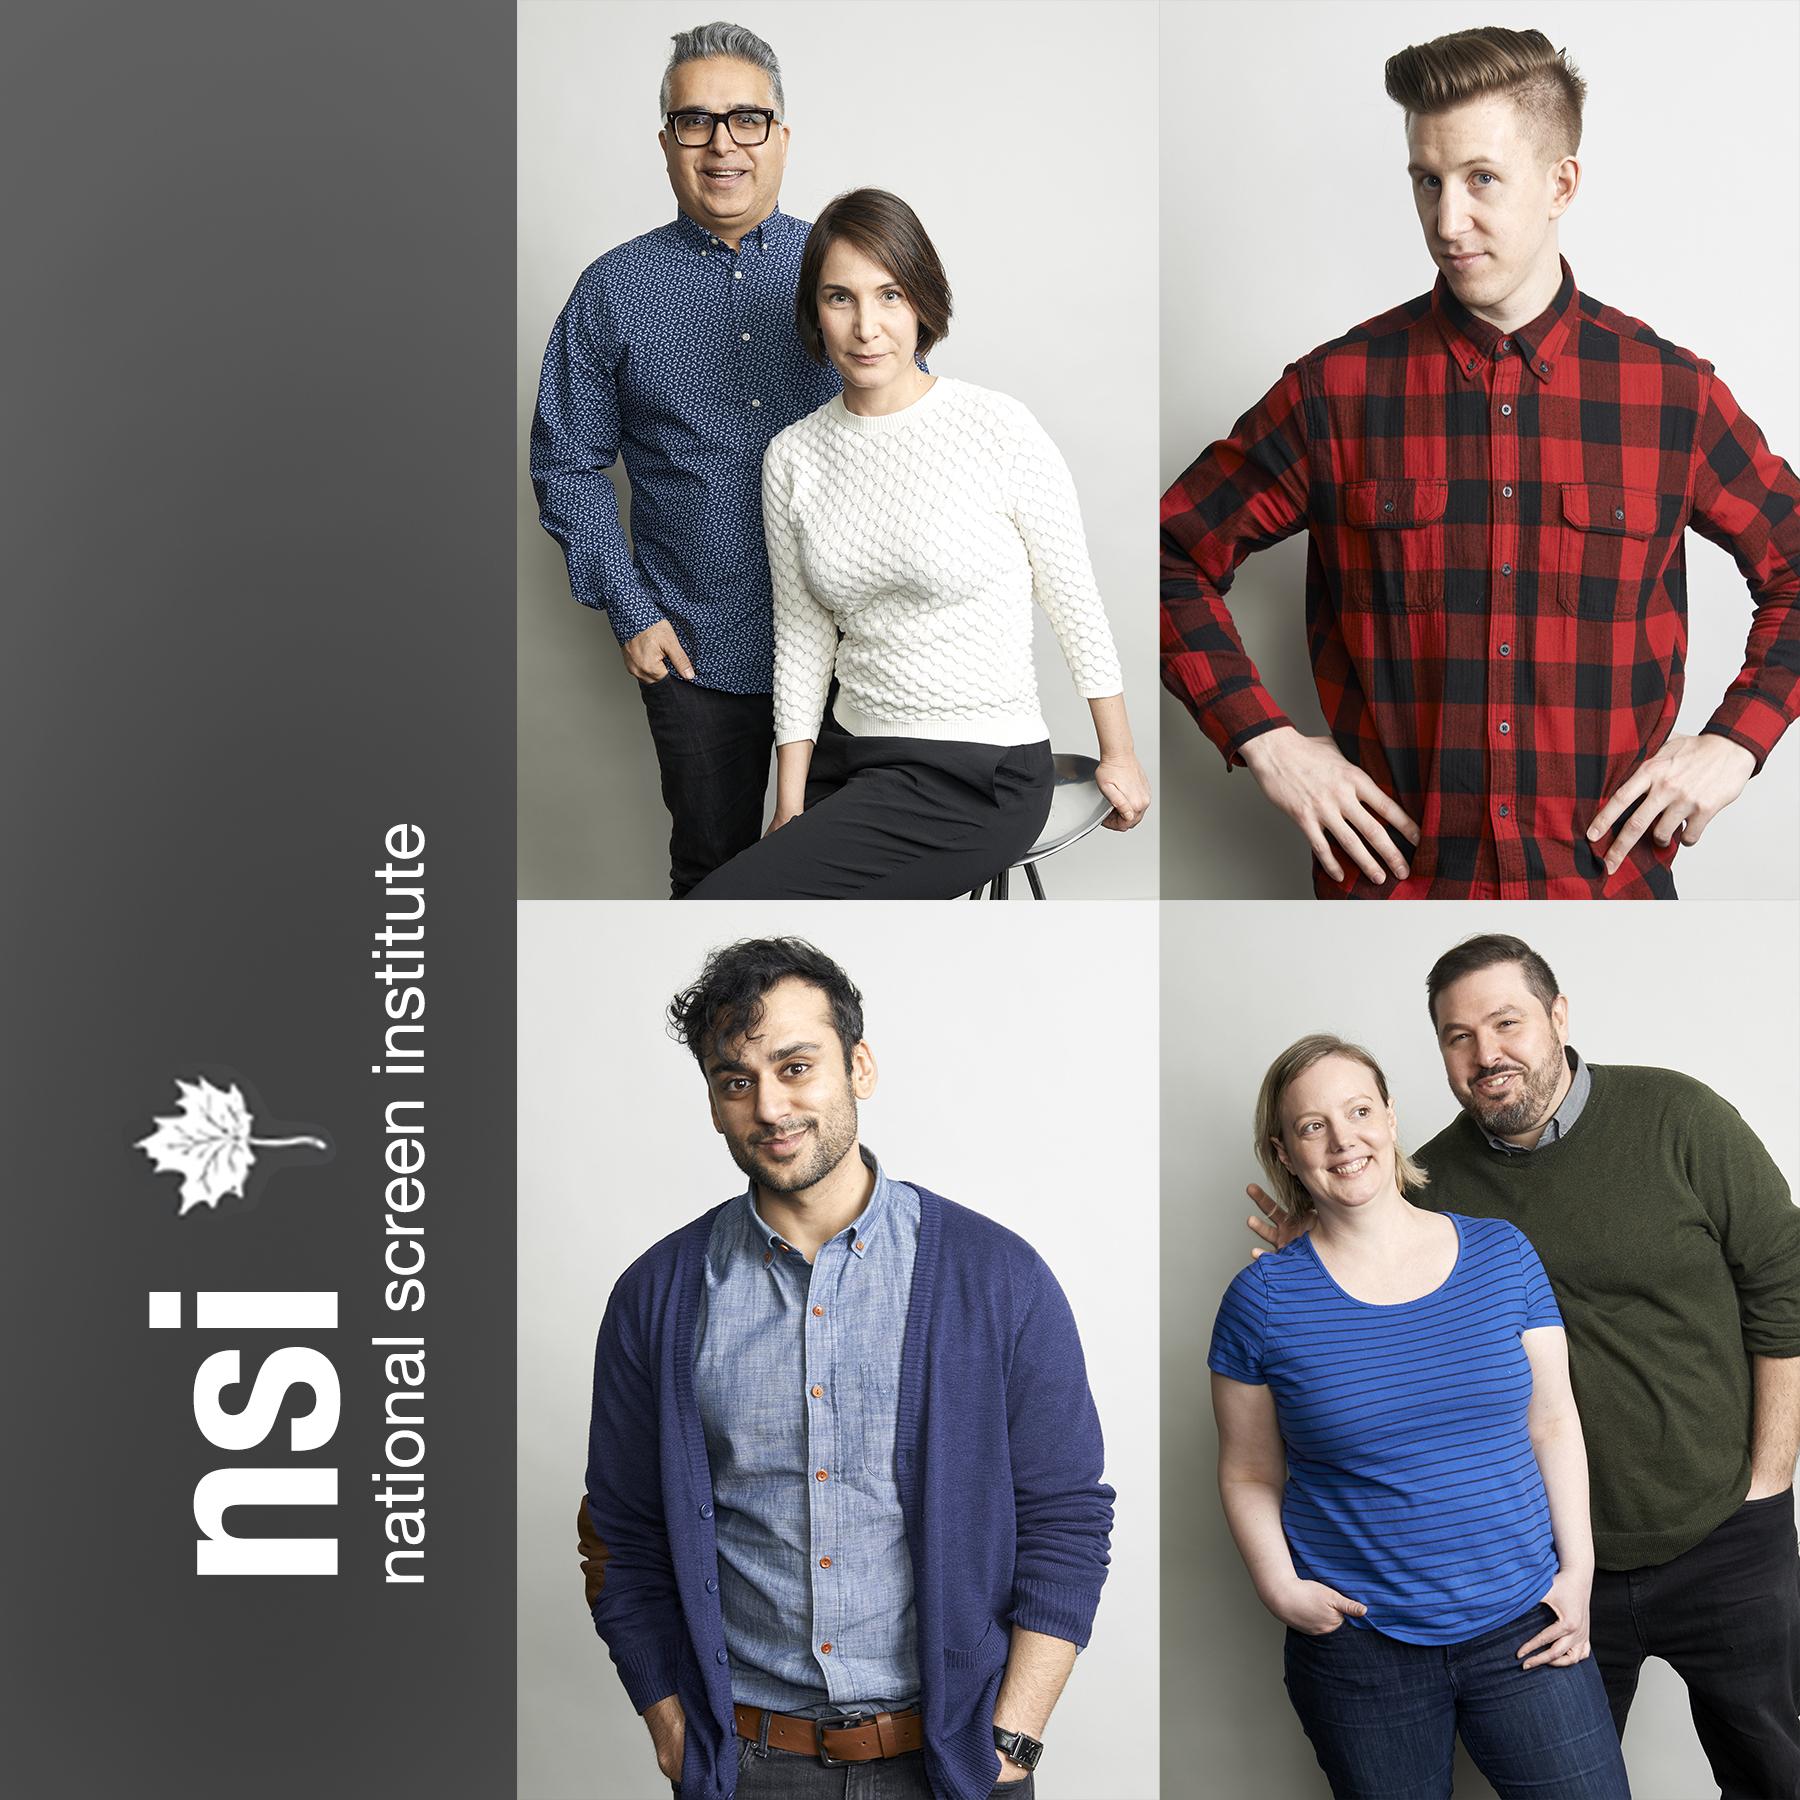 NSI promo.jpg